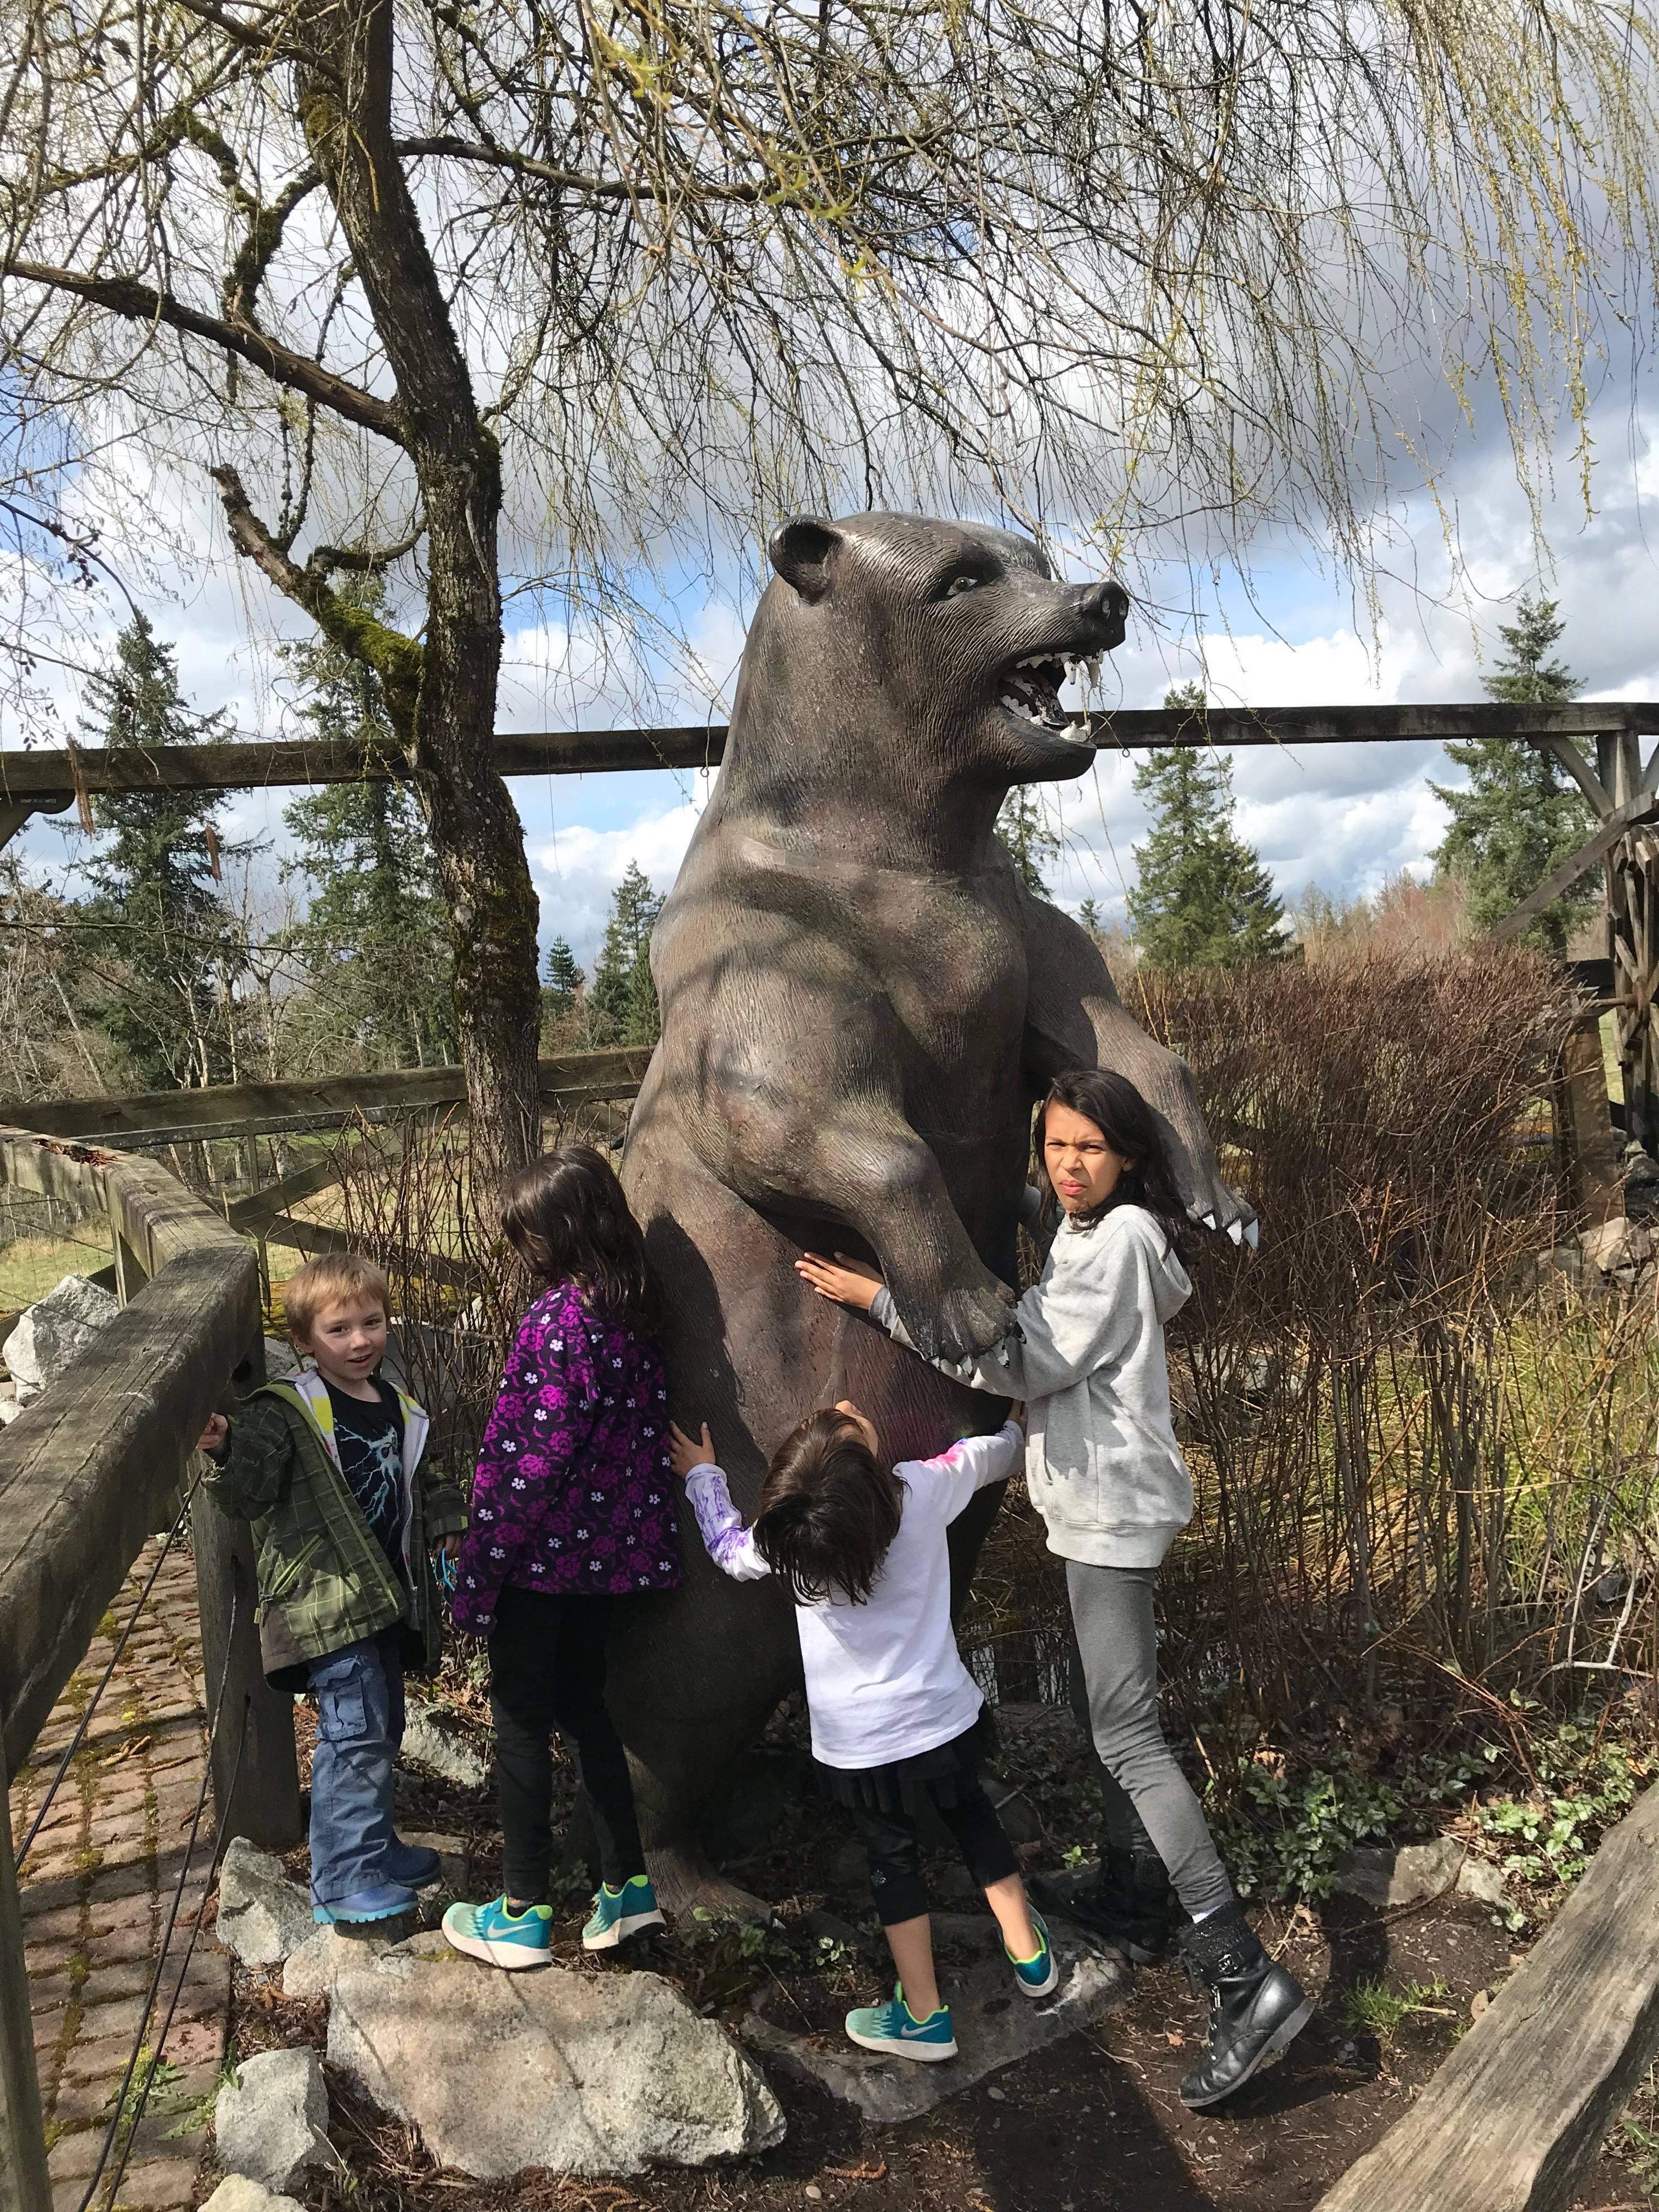 proper bear safety